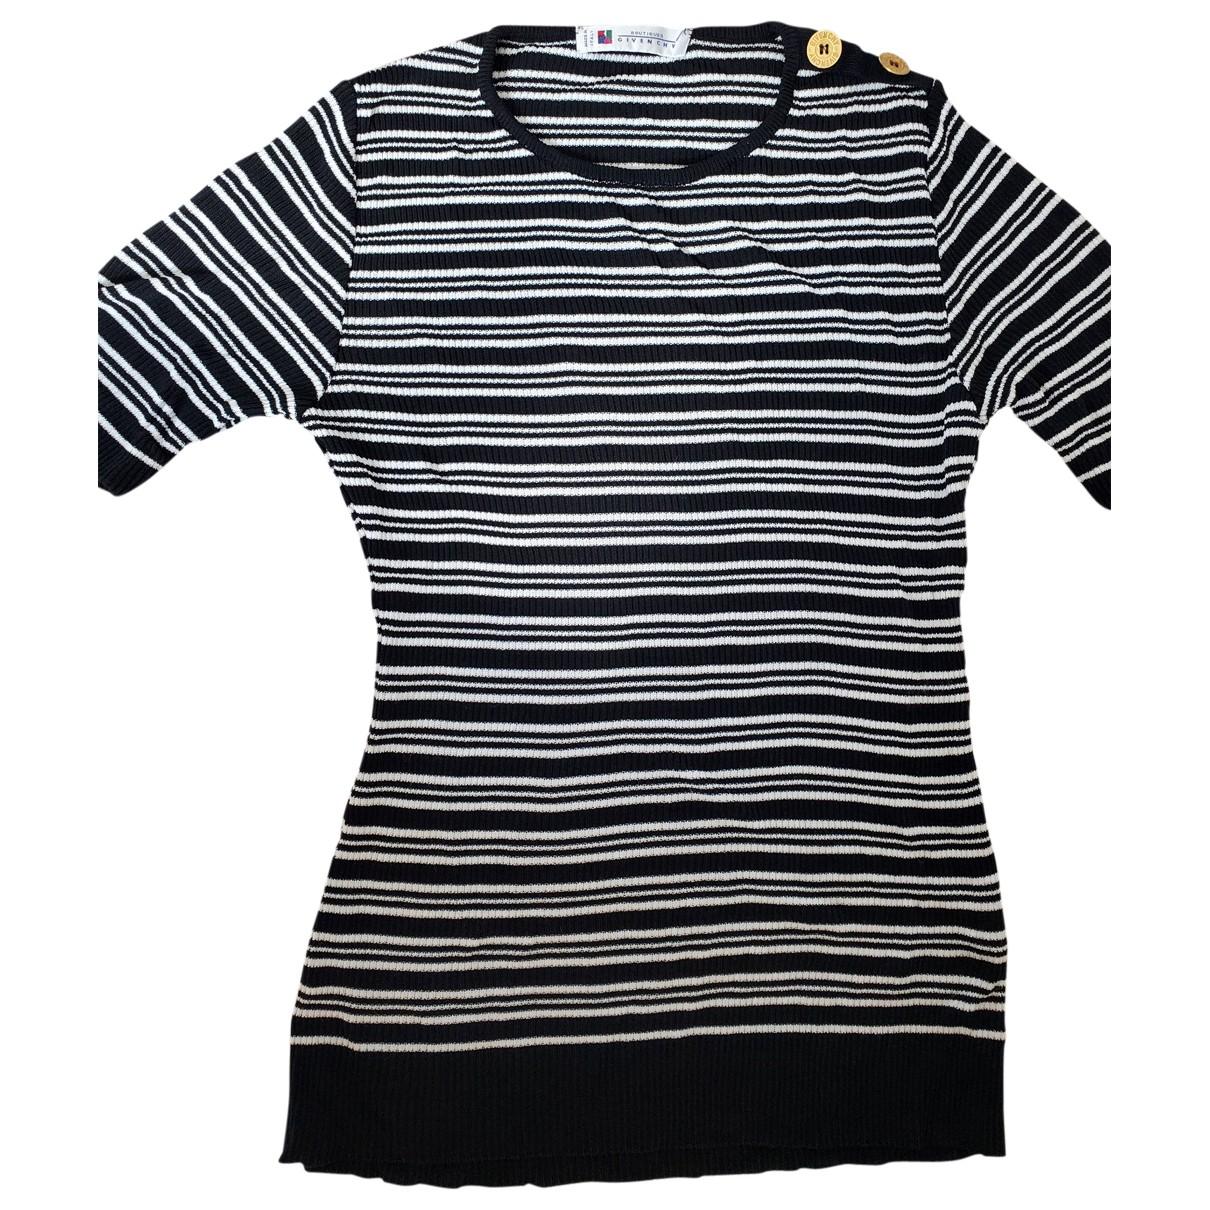 Givenchy - Top   pour femme - noir